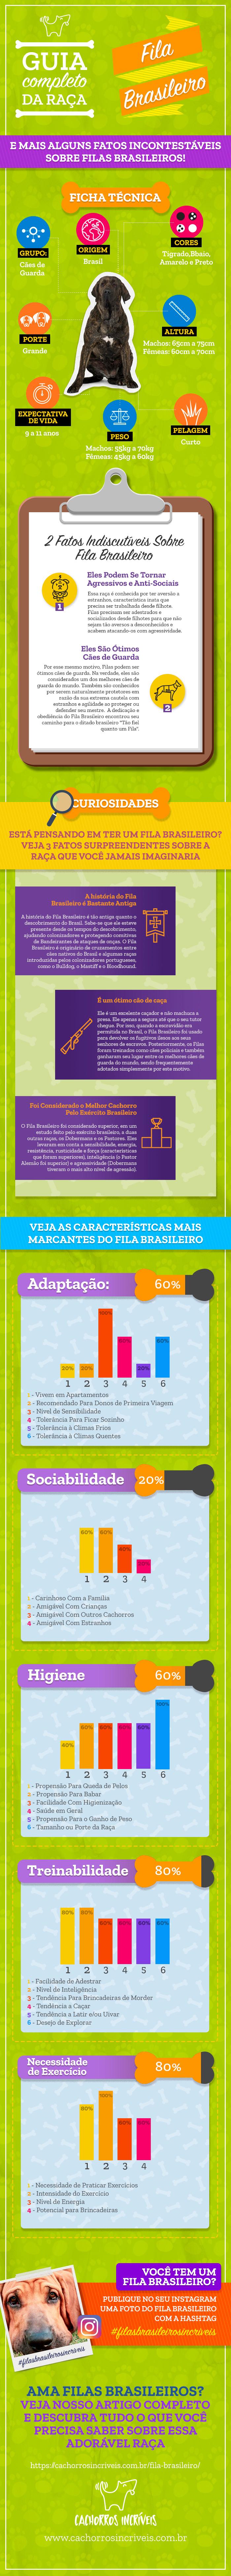 Infográfico Fila Brasileiro